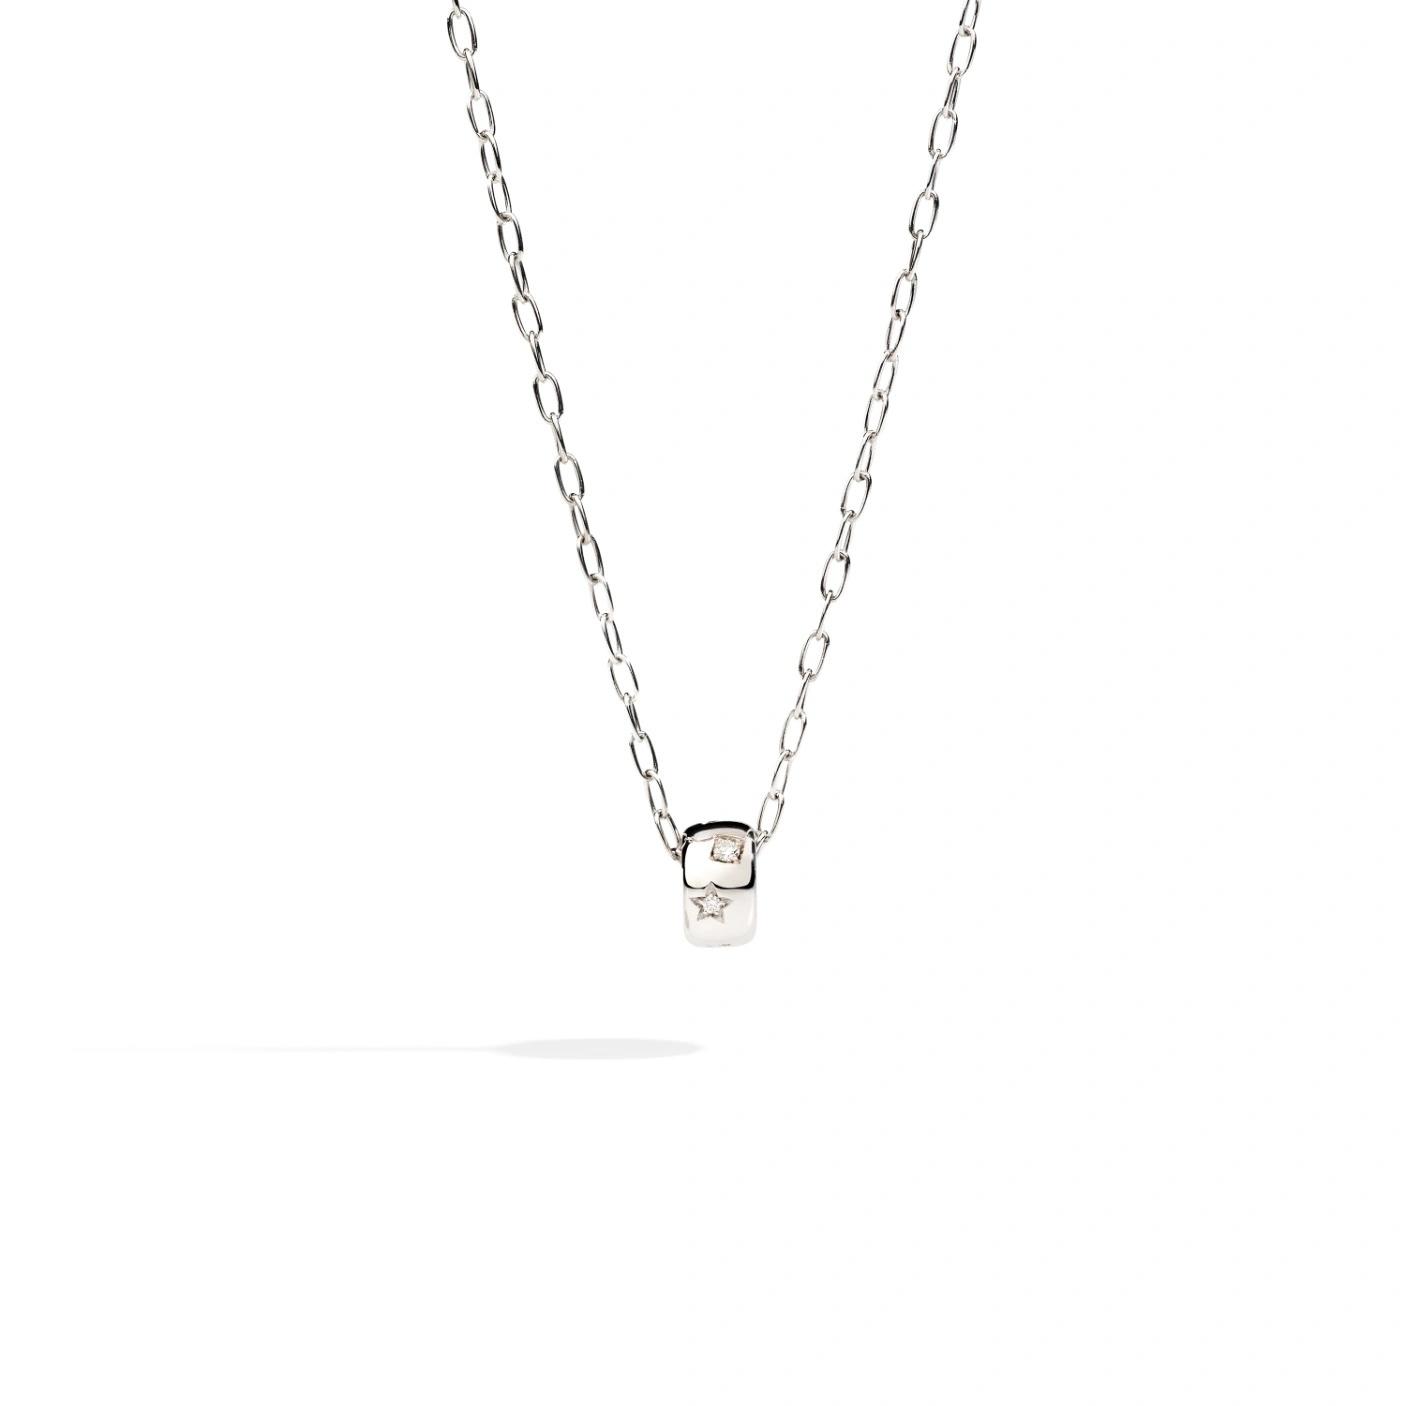 Pomellato Pomellato Iconica collier in 18 krt. witgoud met hanger met witte diamanten